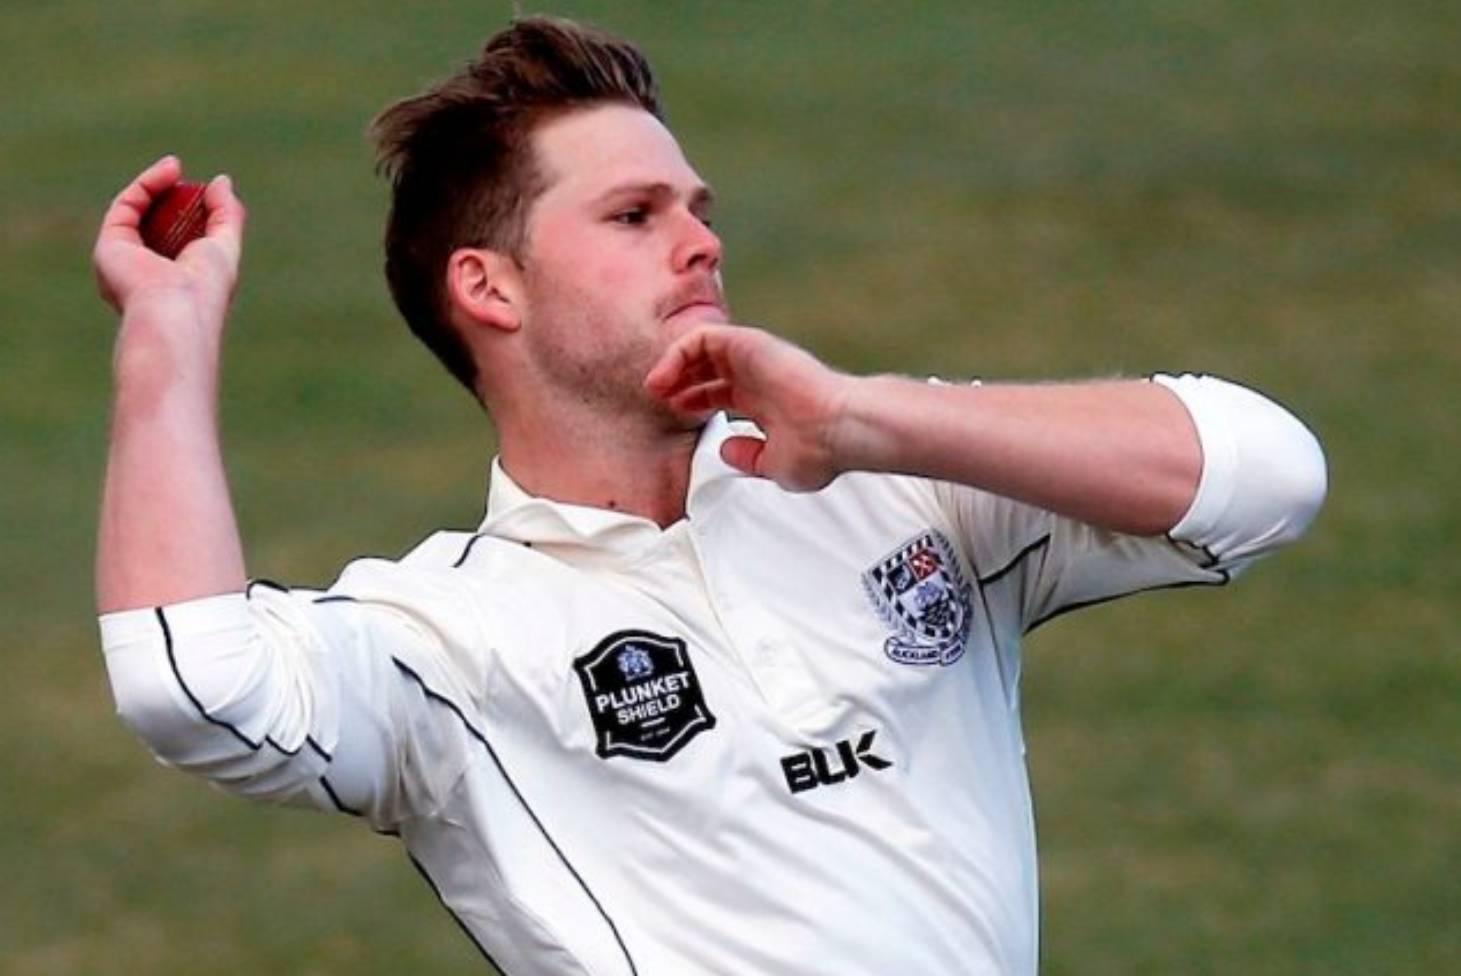 न्यूजीलैंड का यह तेज गेंदबाज मिस कर सकता है पहला टेस्ट, यह है कारण 2